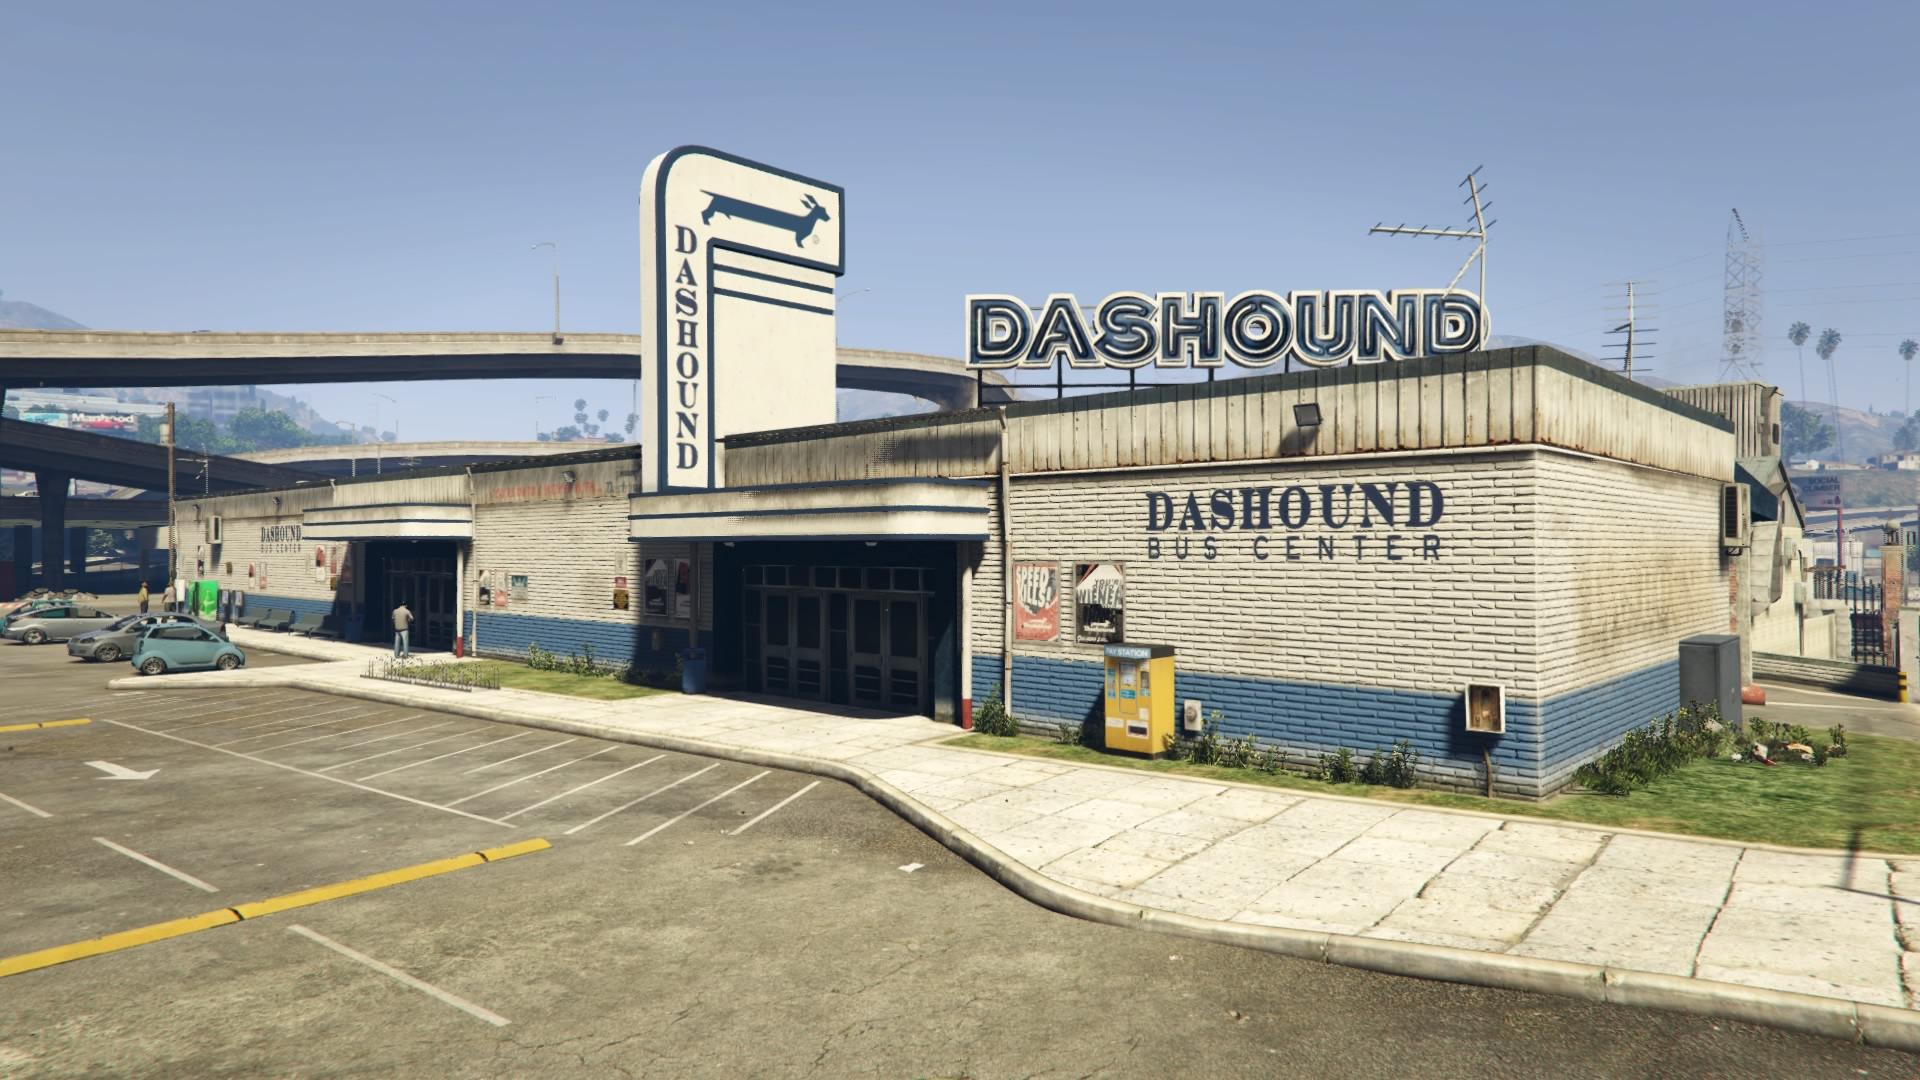 Dashound Bus Center | GTA Wiki | FANDOM powered by Wikia